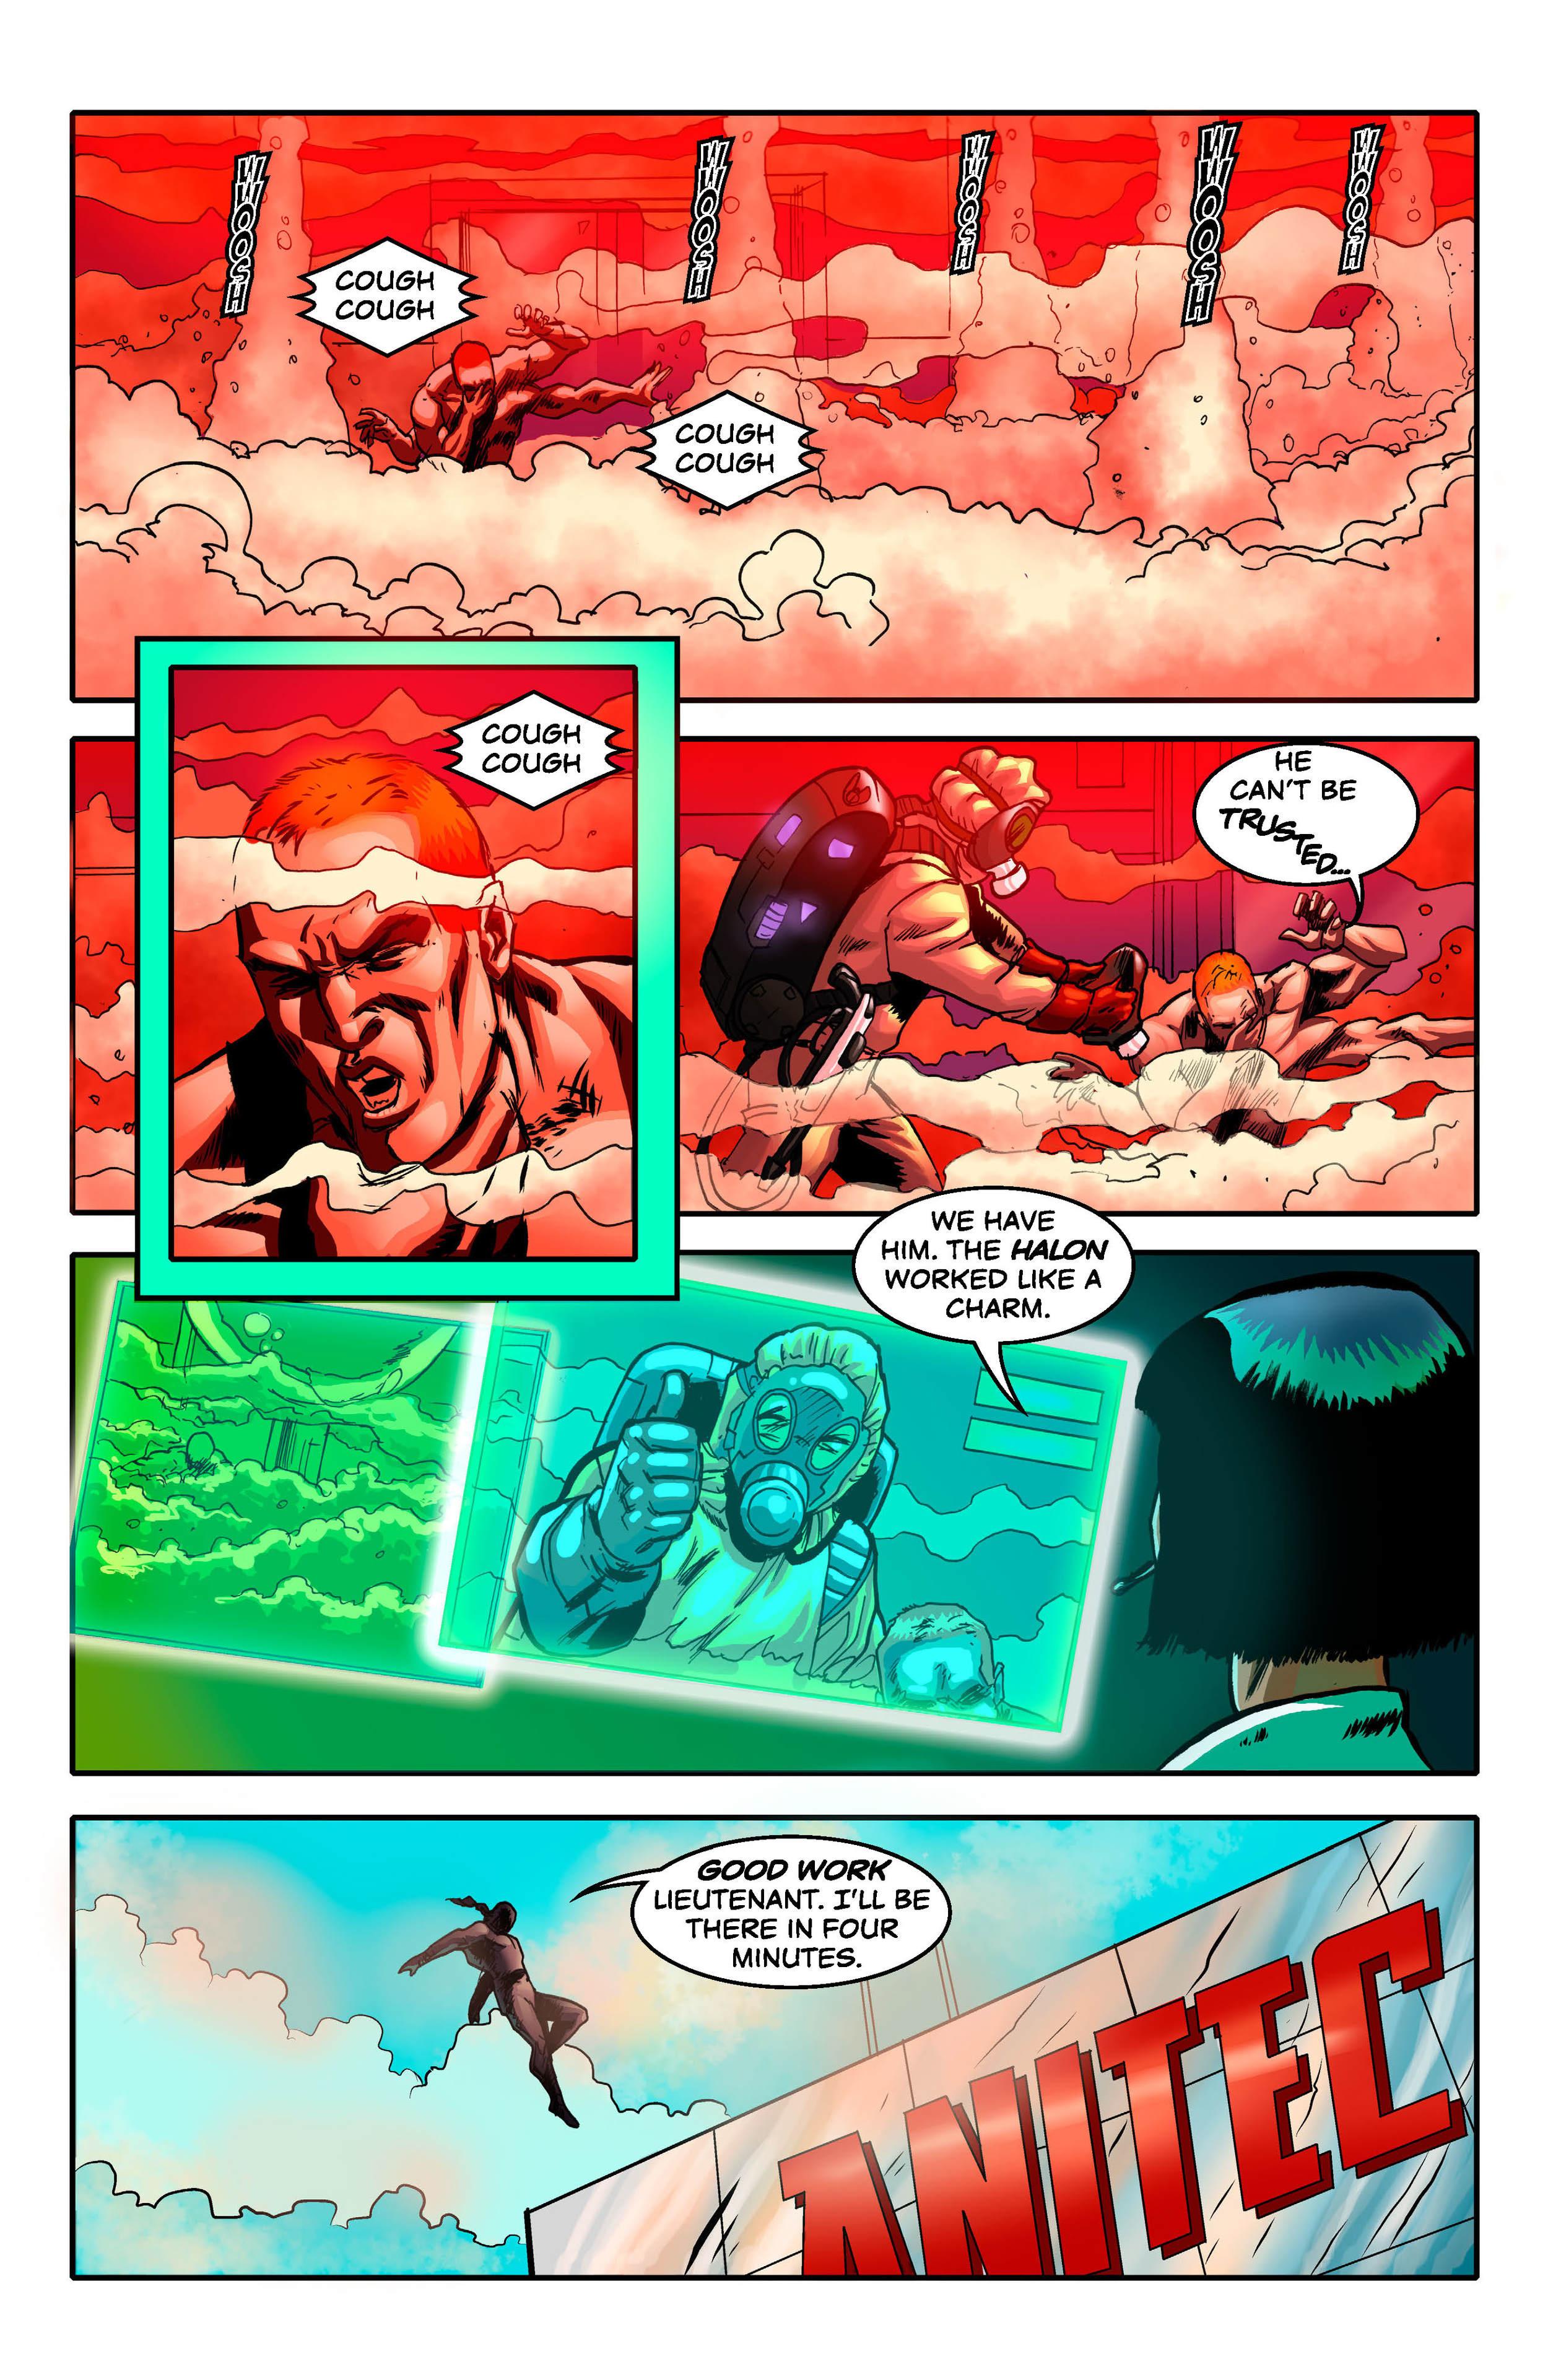 TT_Issue02_Digital_Page_23.jpg